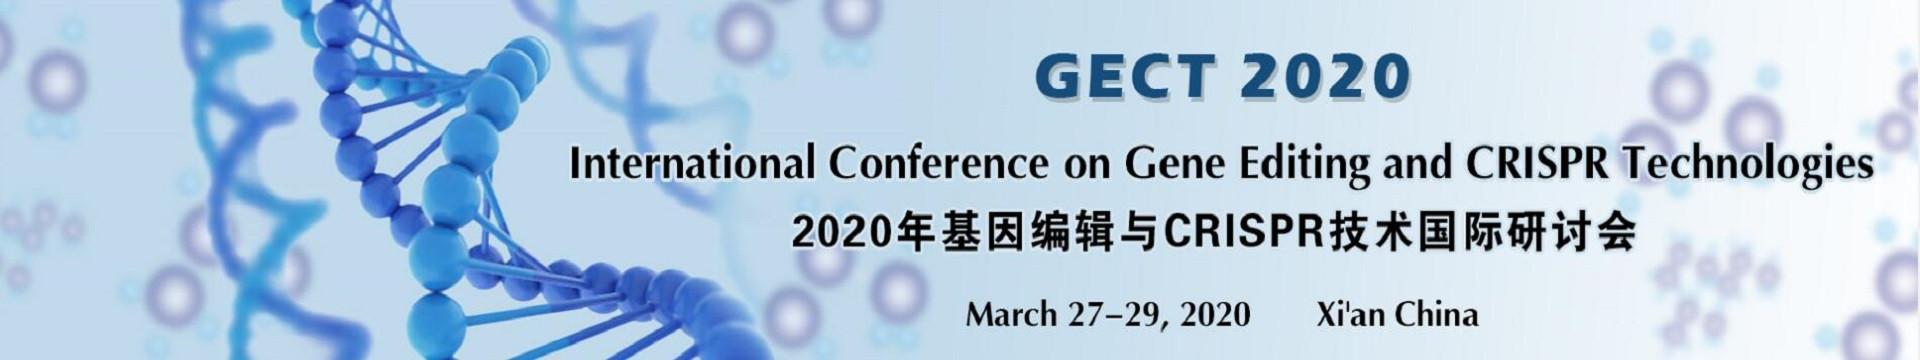 2020年基因编辑与CRISPR技术国际研讨会(GECT 2020)